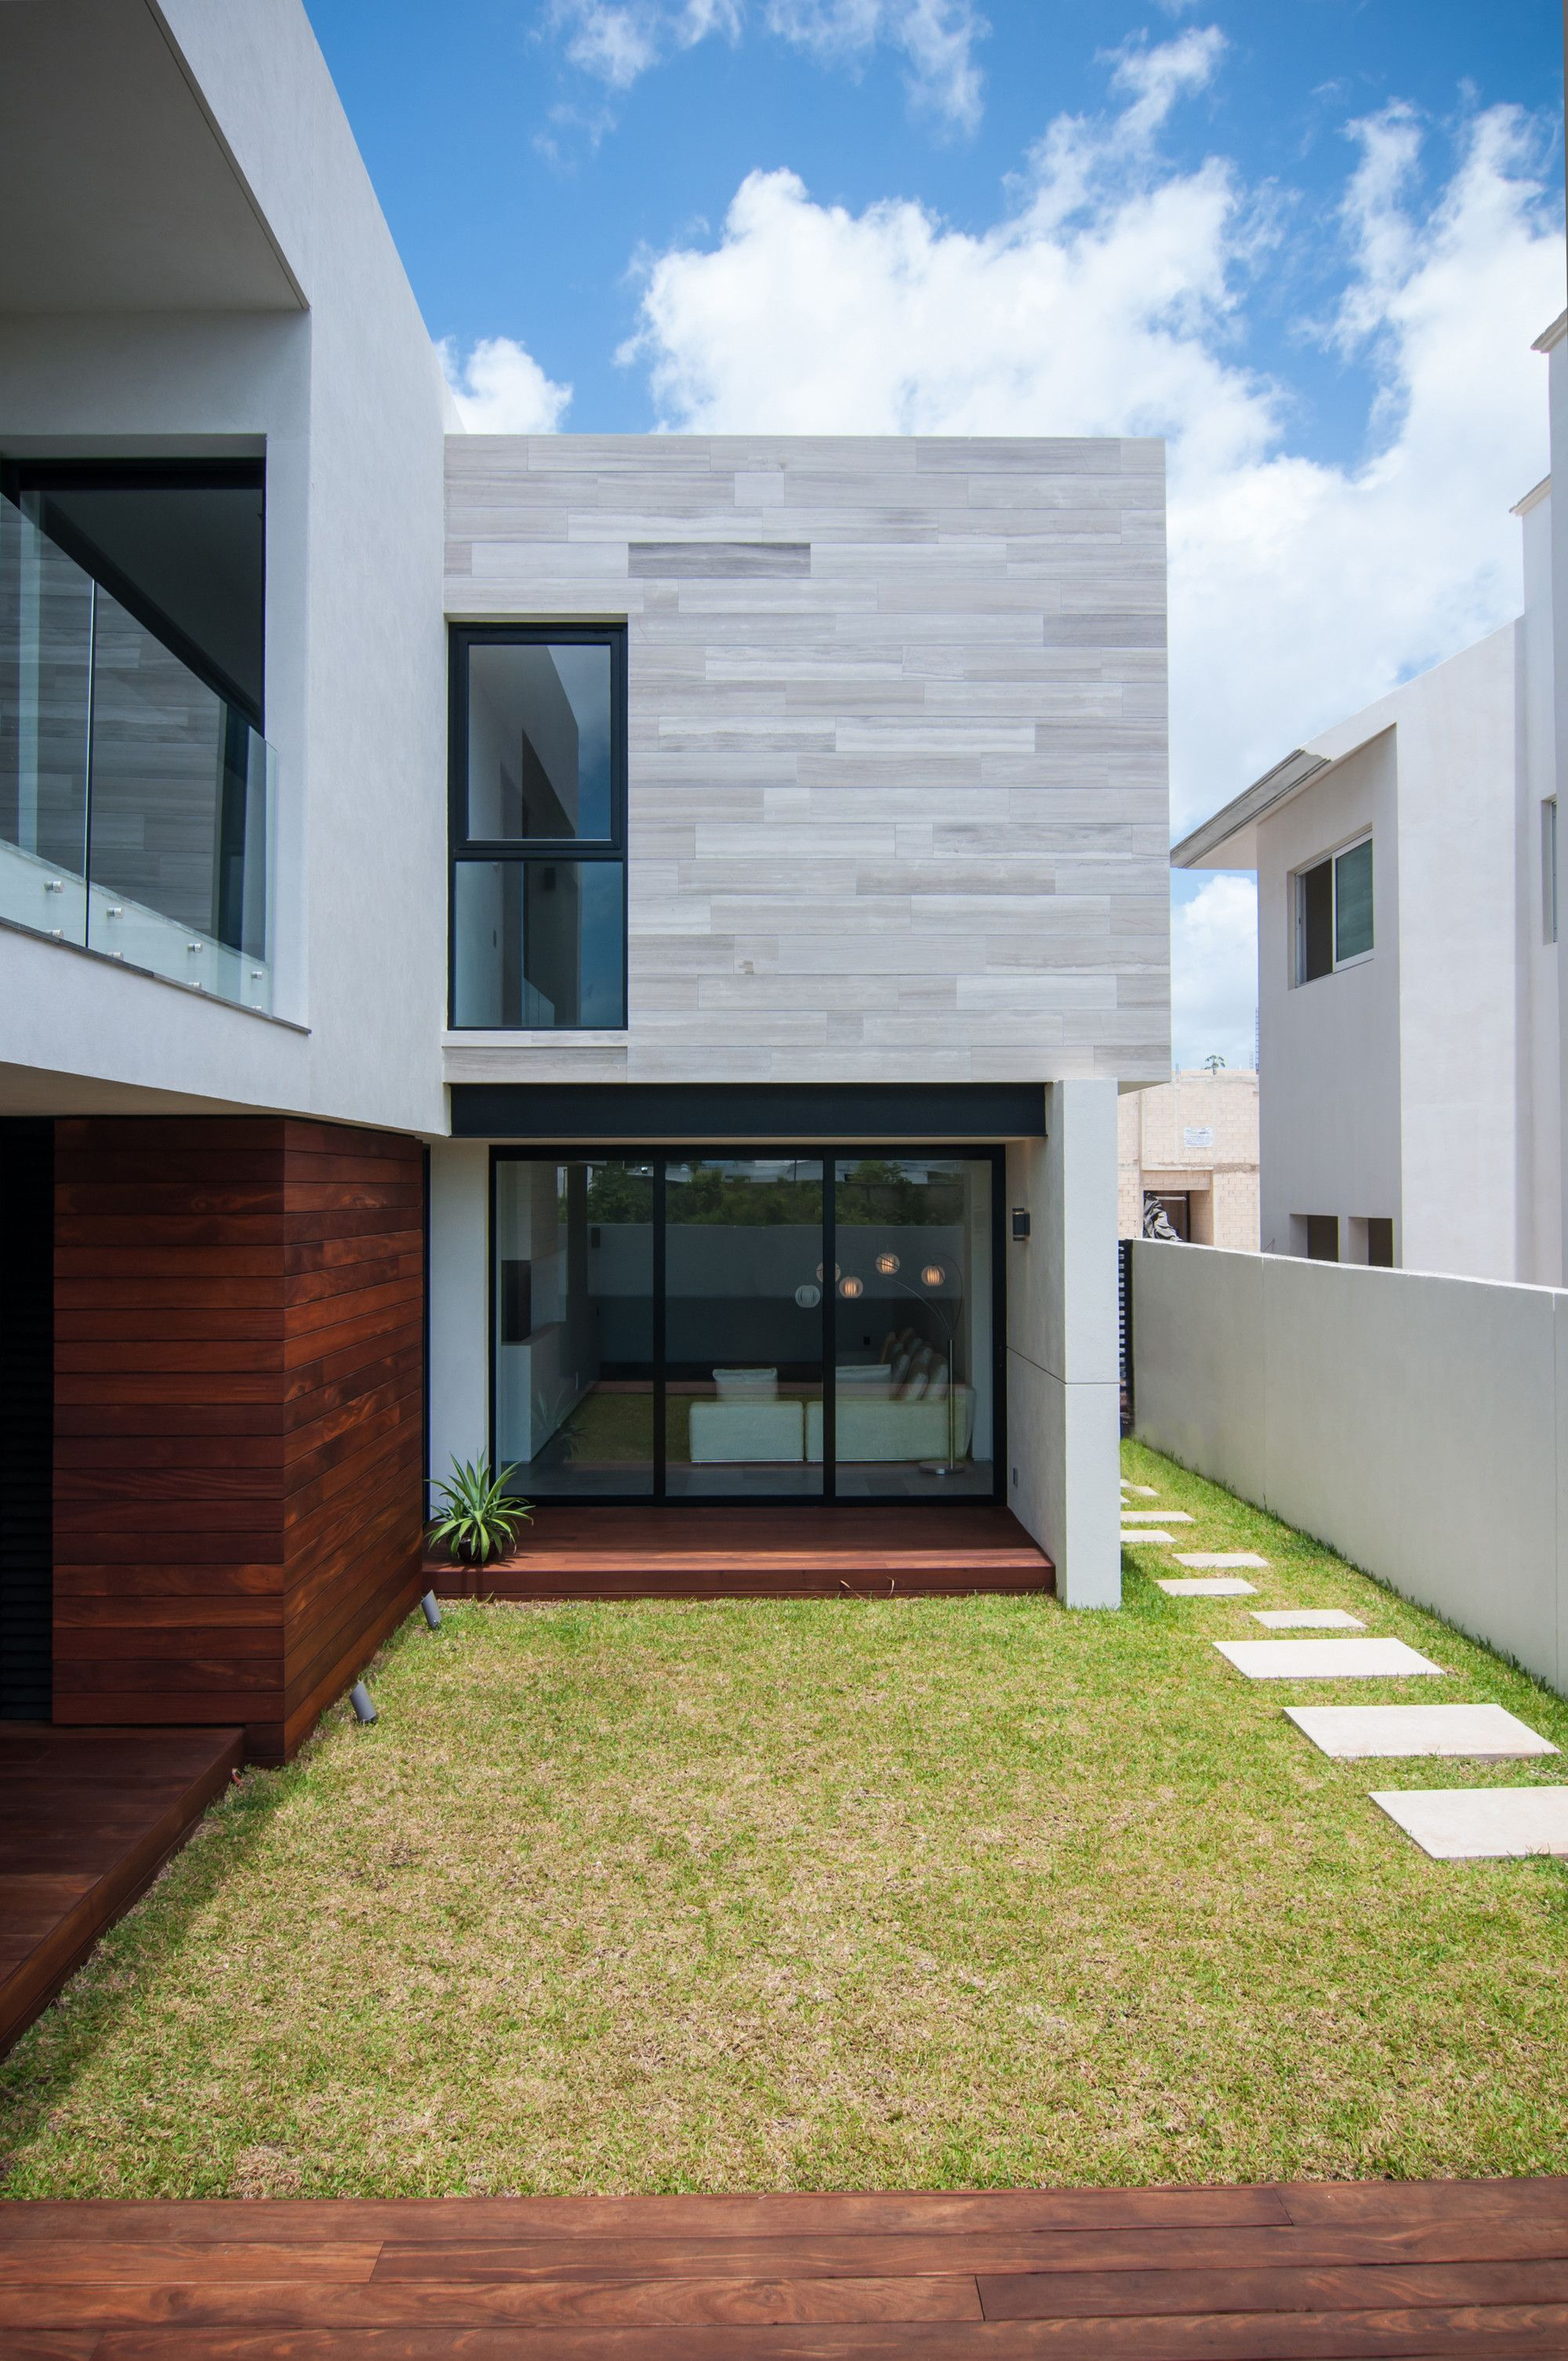 Galer a de casa paracaima taff arquitectos 11 architecture pinterest casas casas - Arquitectos casas modernas ...